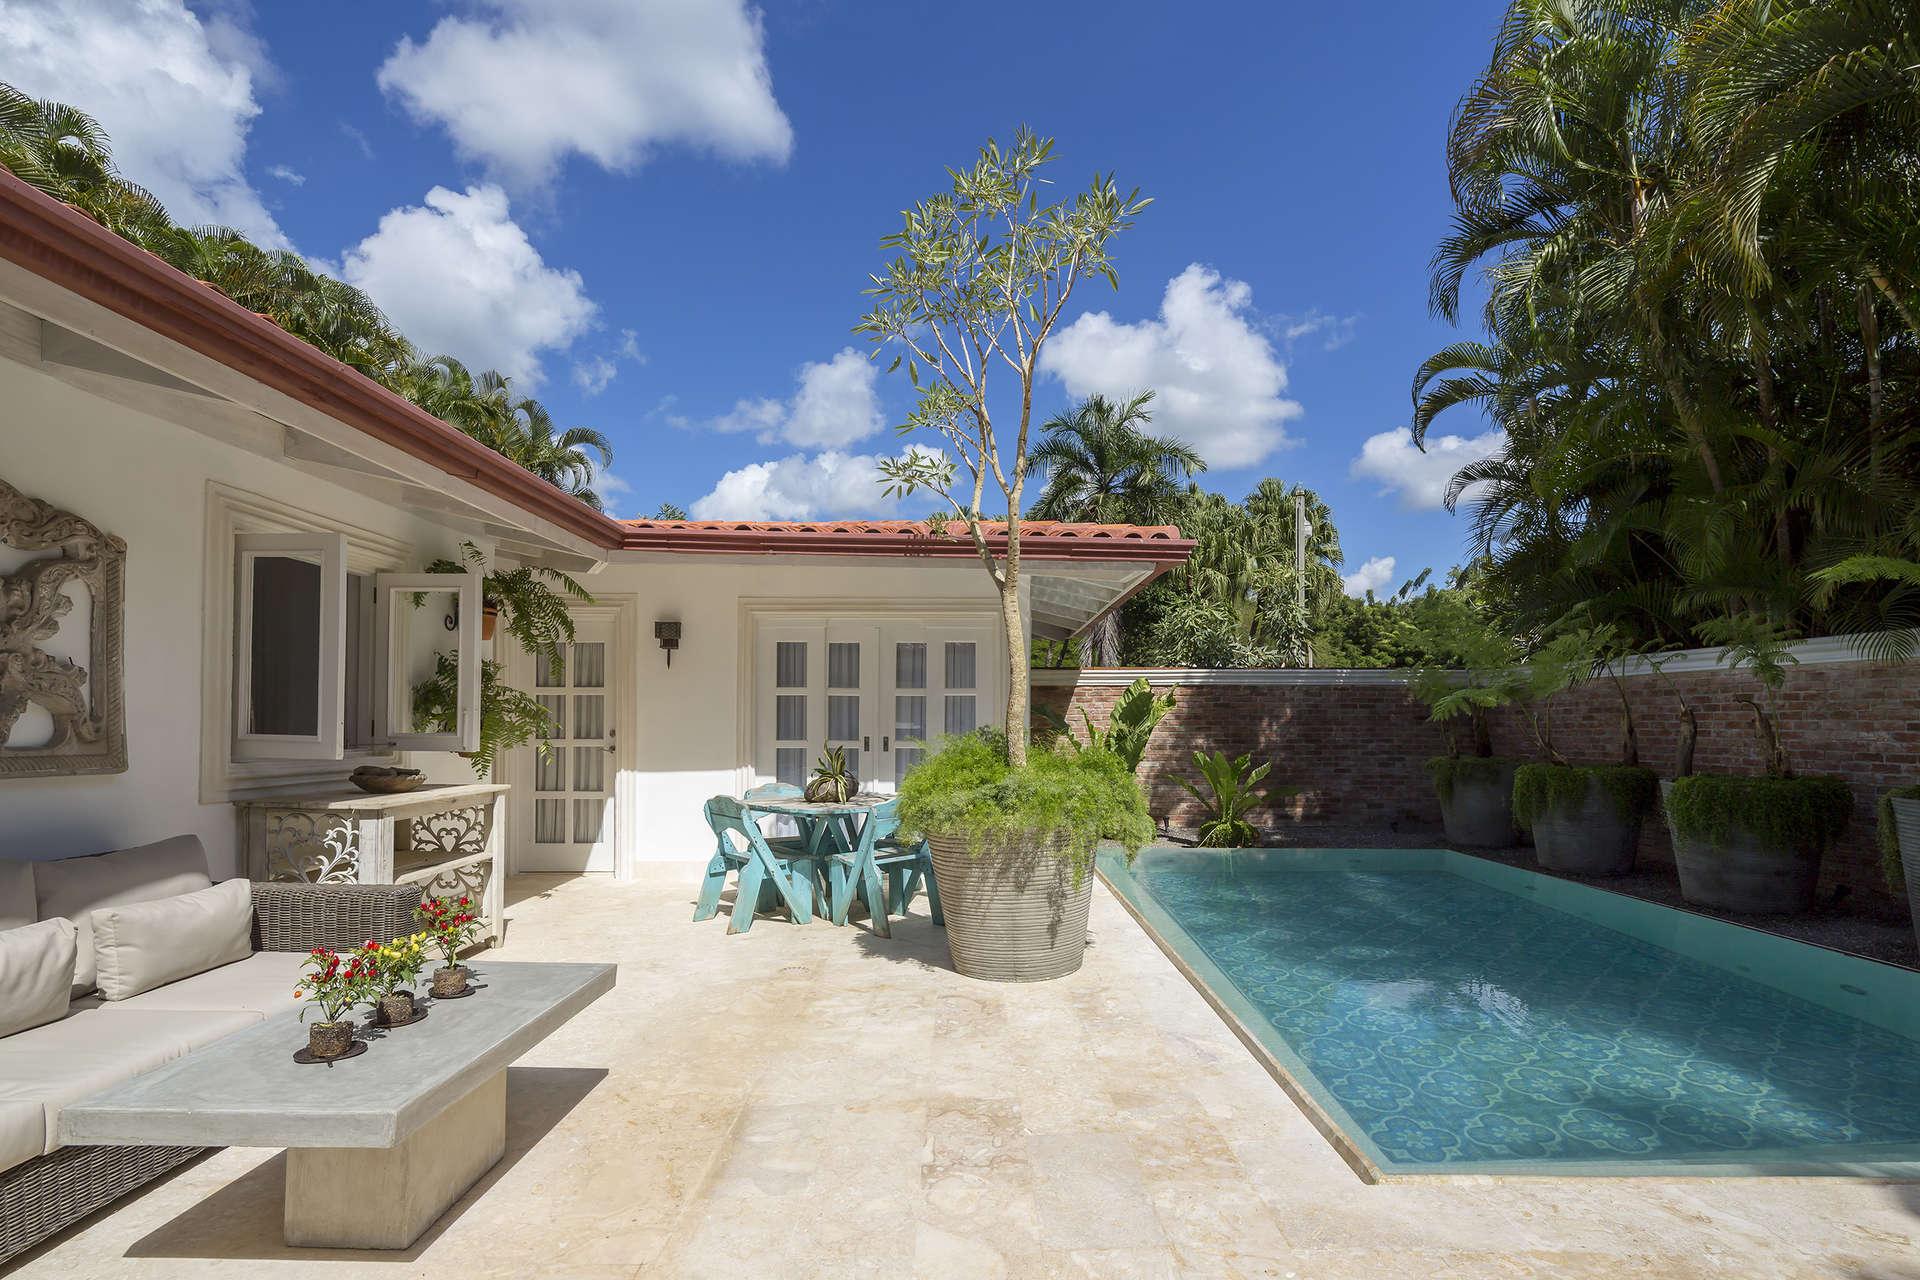 Luxury villa rentals caribbean - Dominican republic - Casa decampo - Golf Villa 142 - Image 1/17